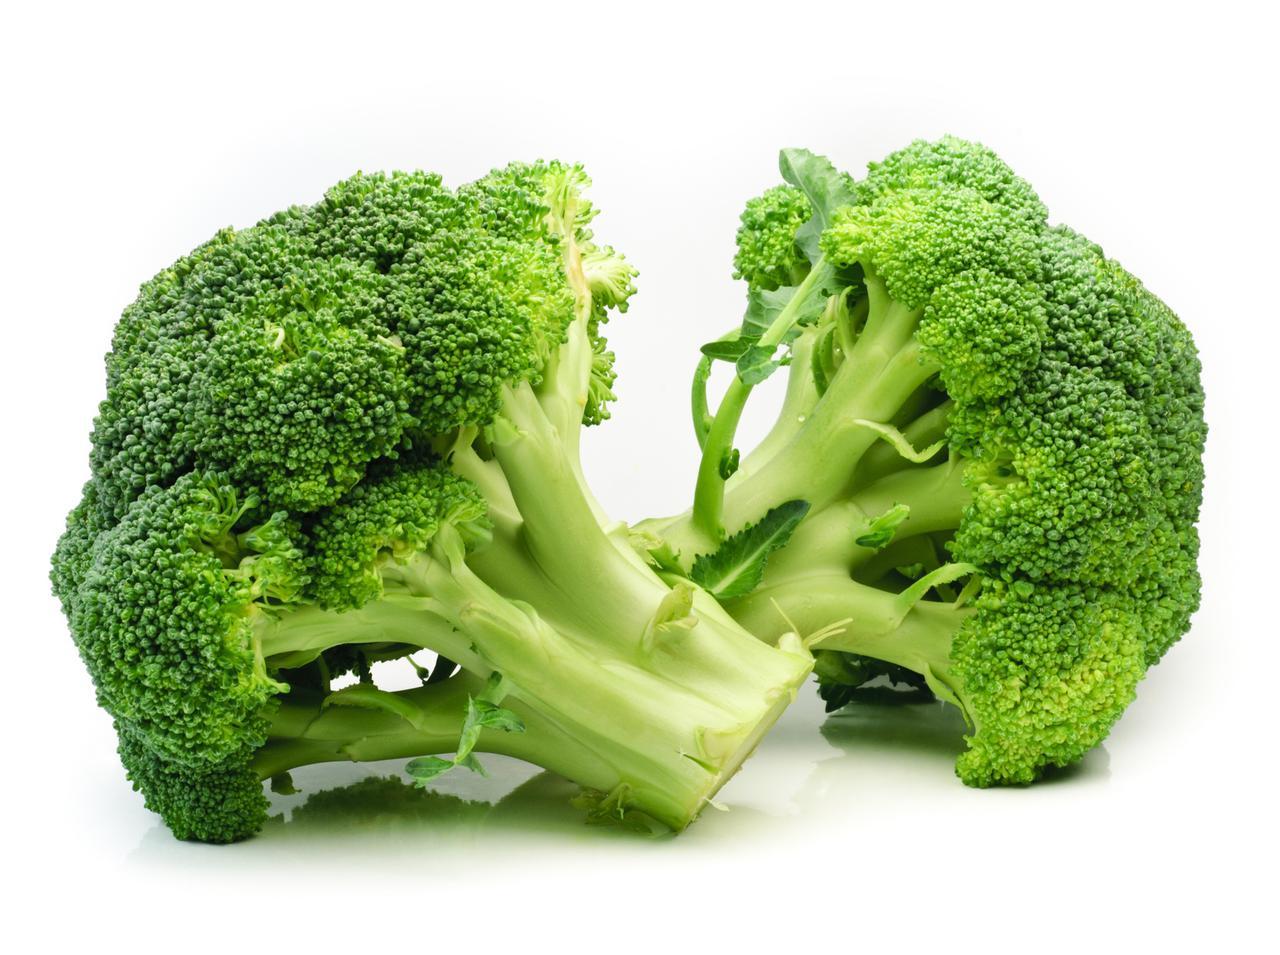 画像: アブラナ科の野菜